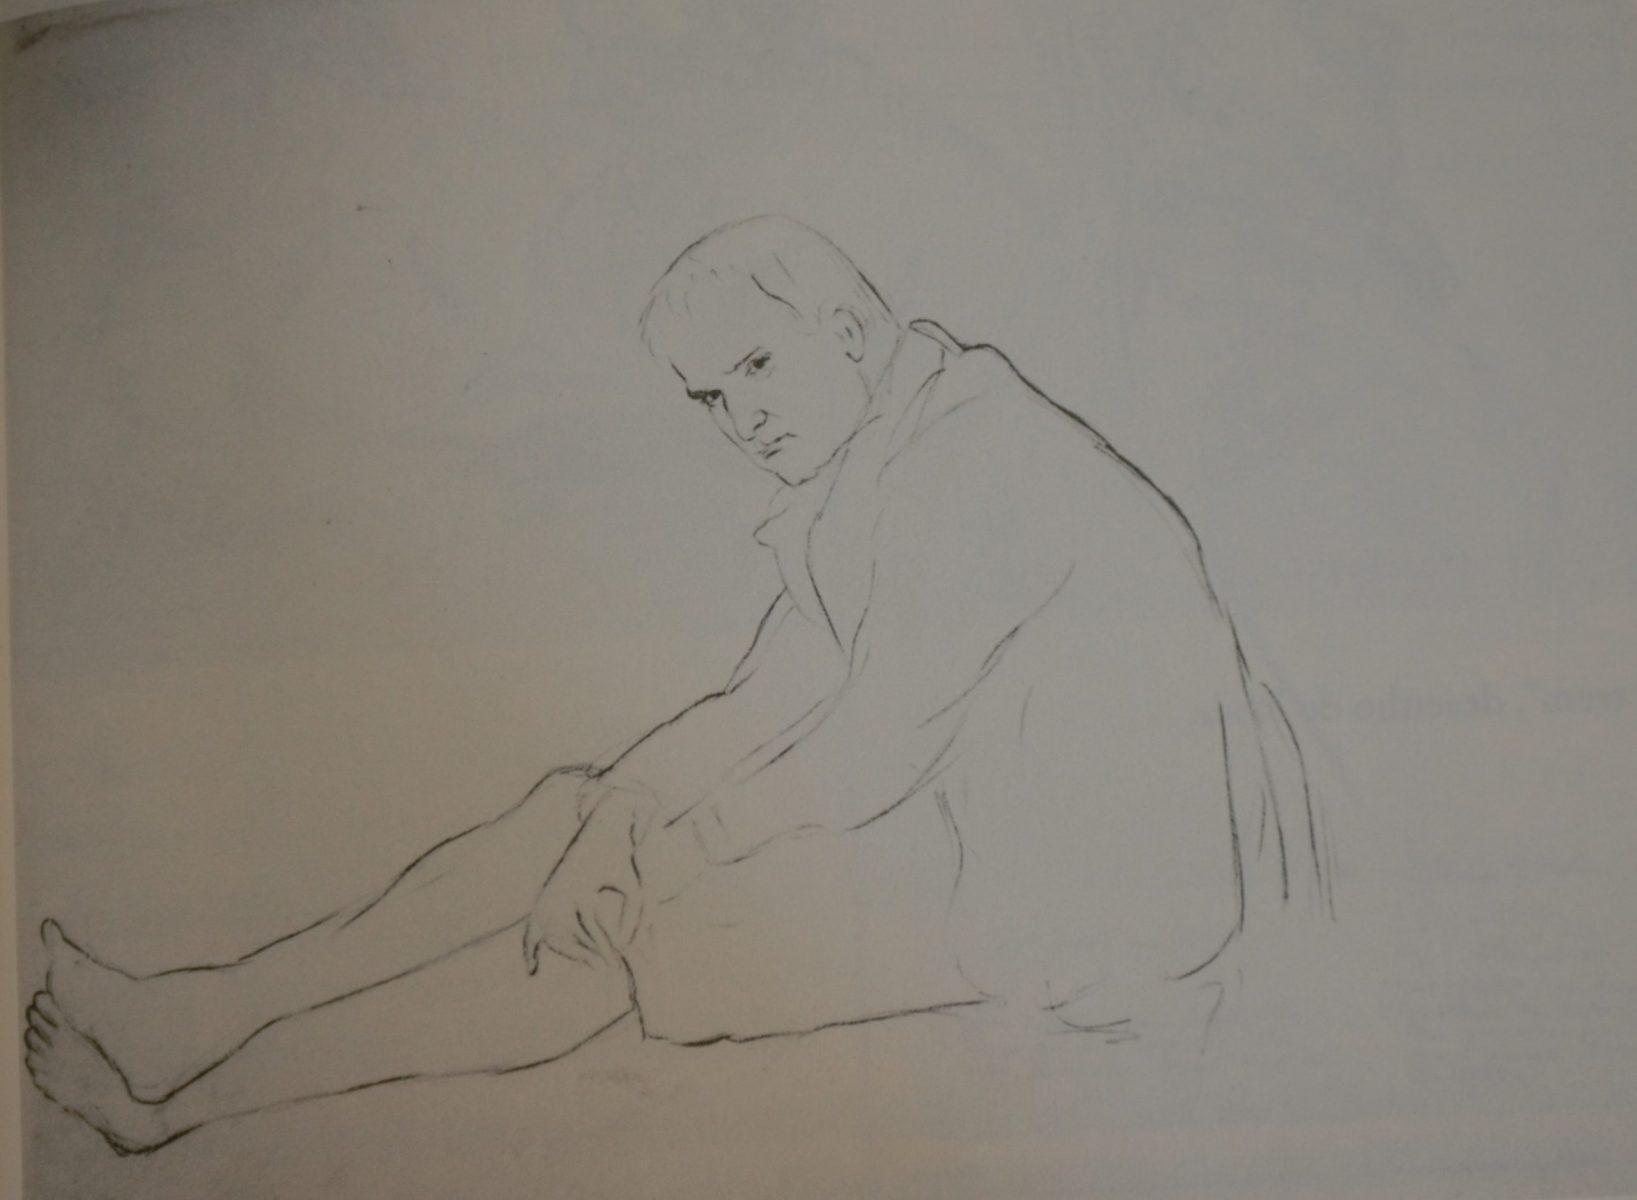 Costia Zetkin (1885-1980), retratado por Rosa Luxemburgo. Costia foi médico. filho de Clara Zetkin. Amante de Rosa  na juventude.